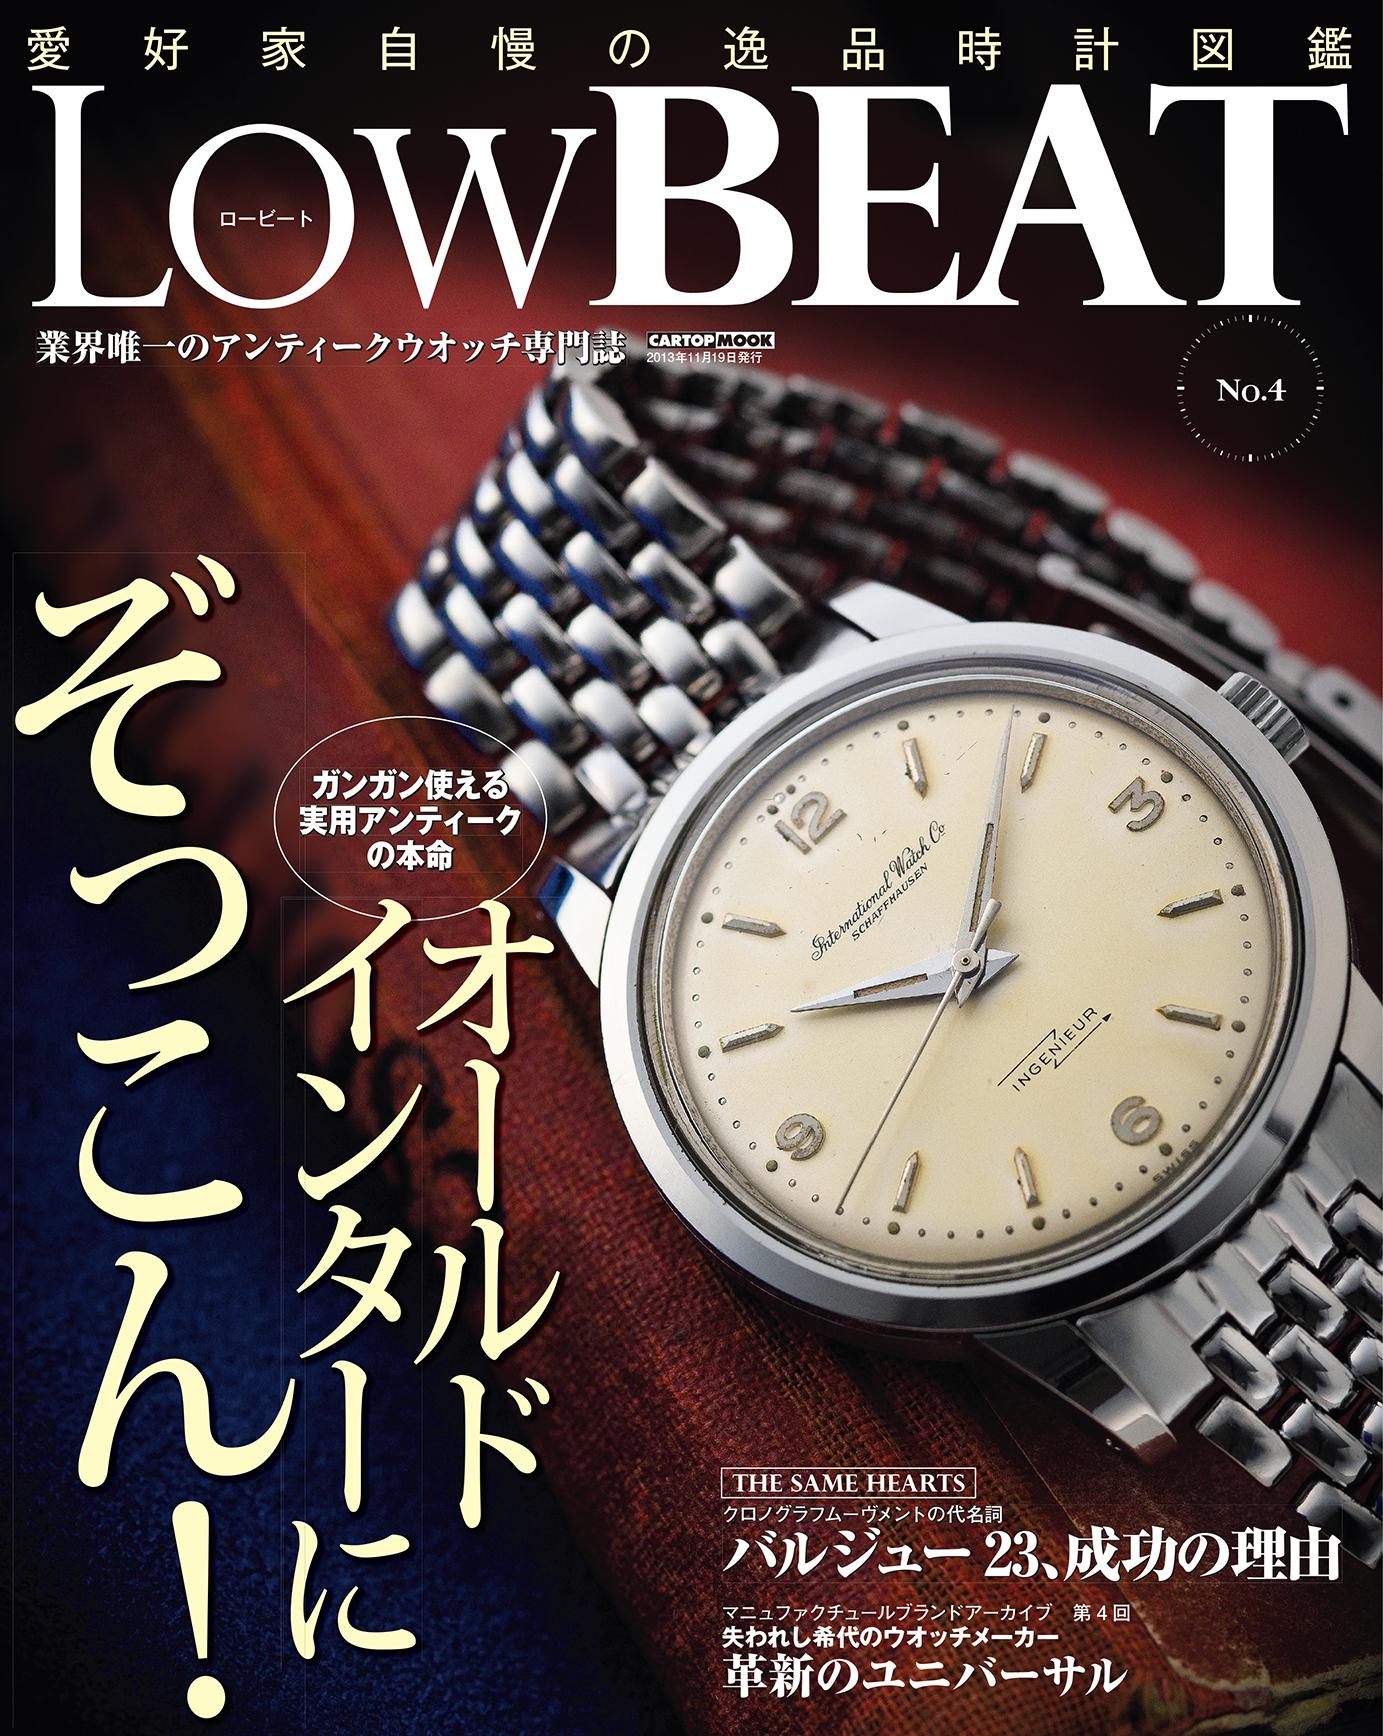 C's-Factory|電子書籍|LowBEAT No.4